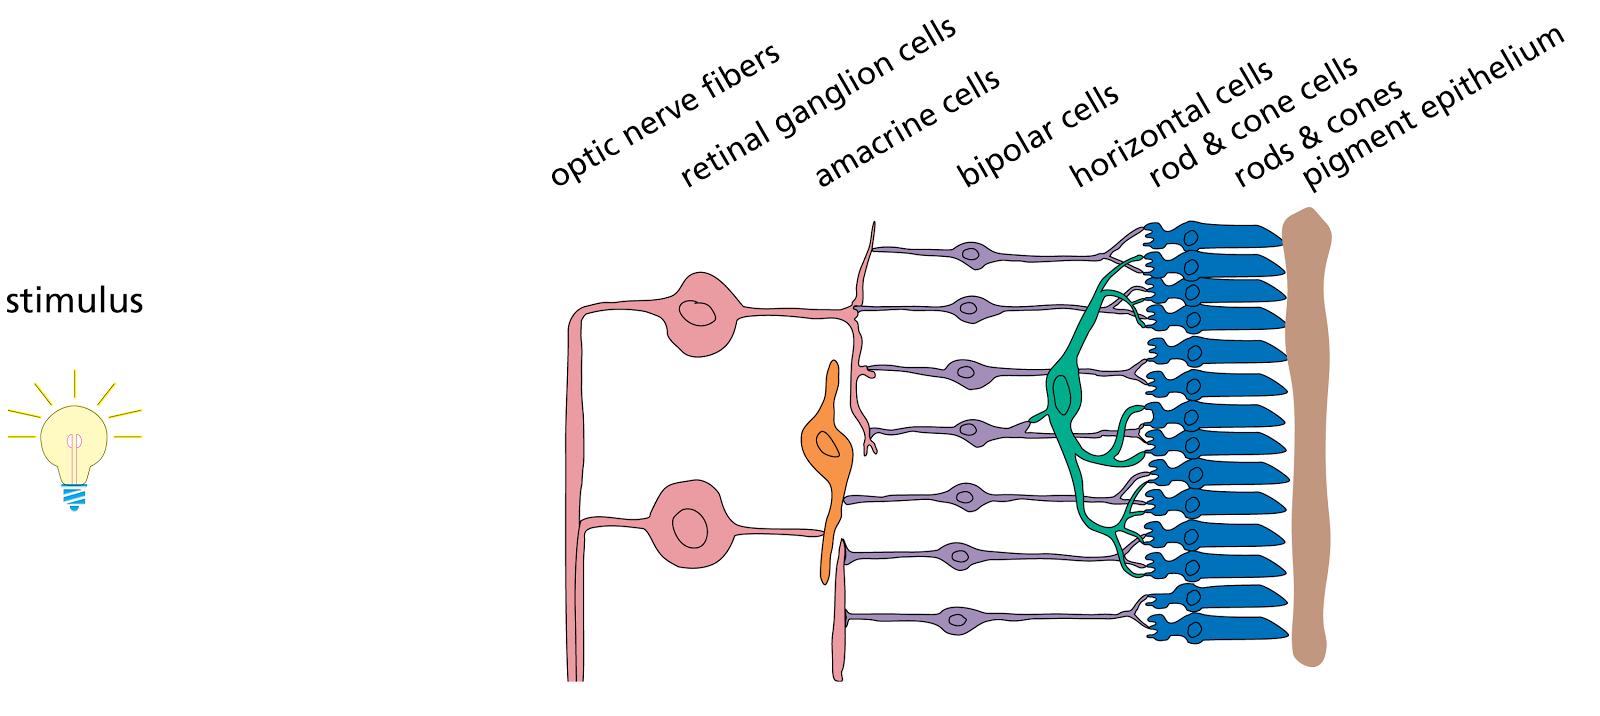 Human retina